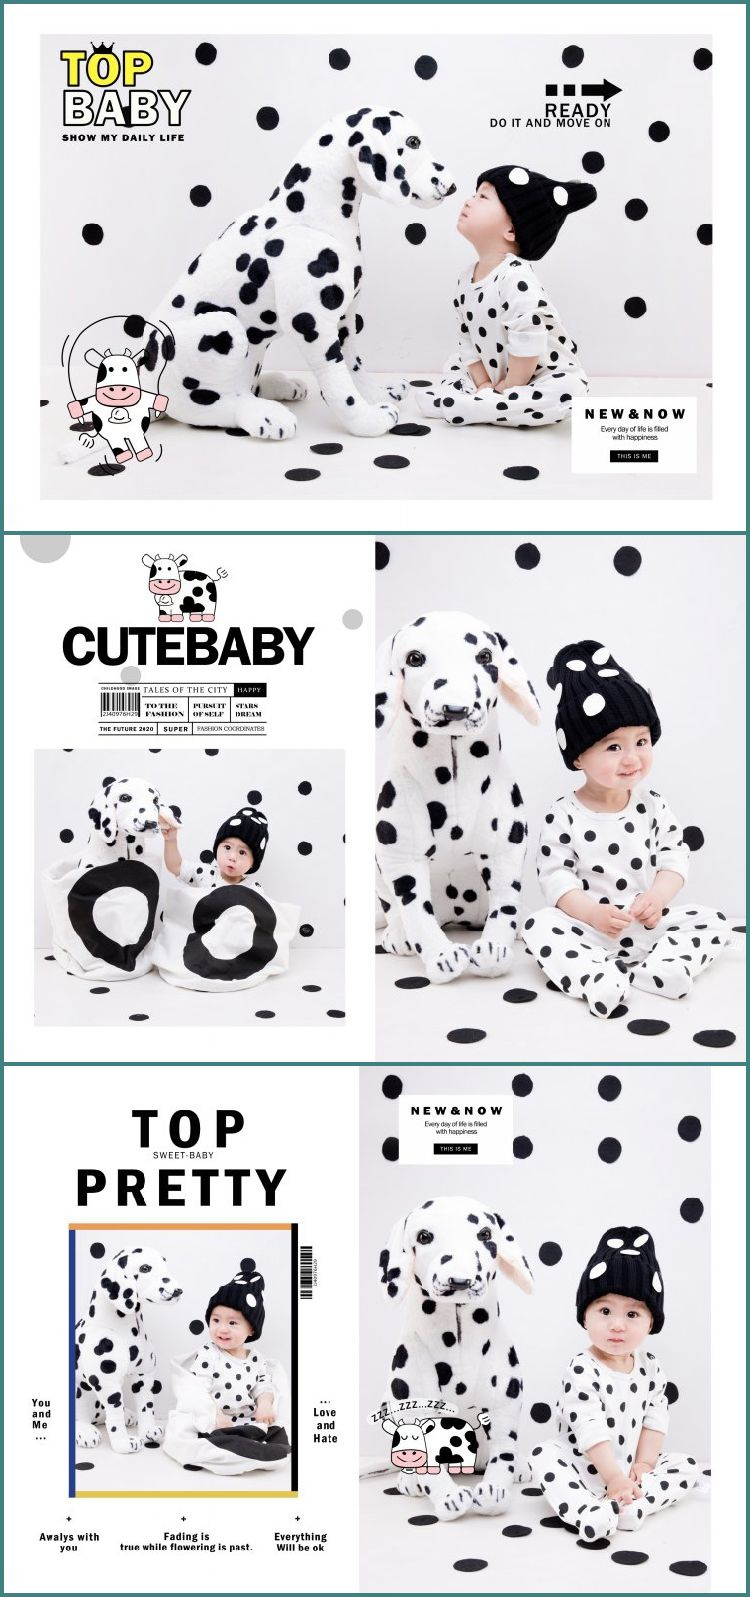 儿童宝宝PSD竖版相册时尚新潮杂志风写真文字模版摄影楼样片素材